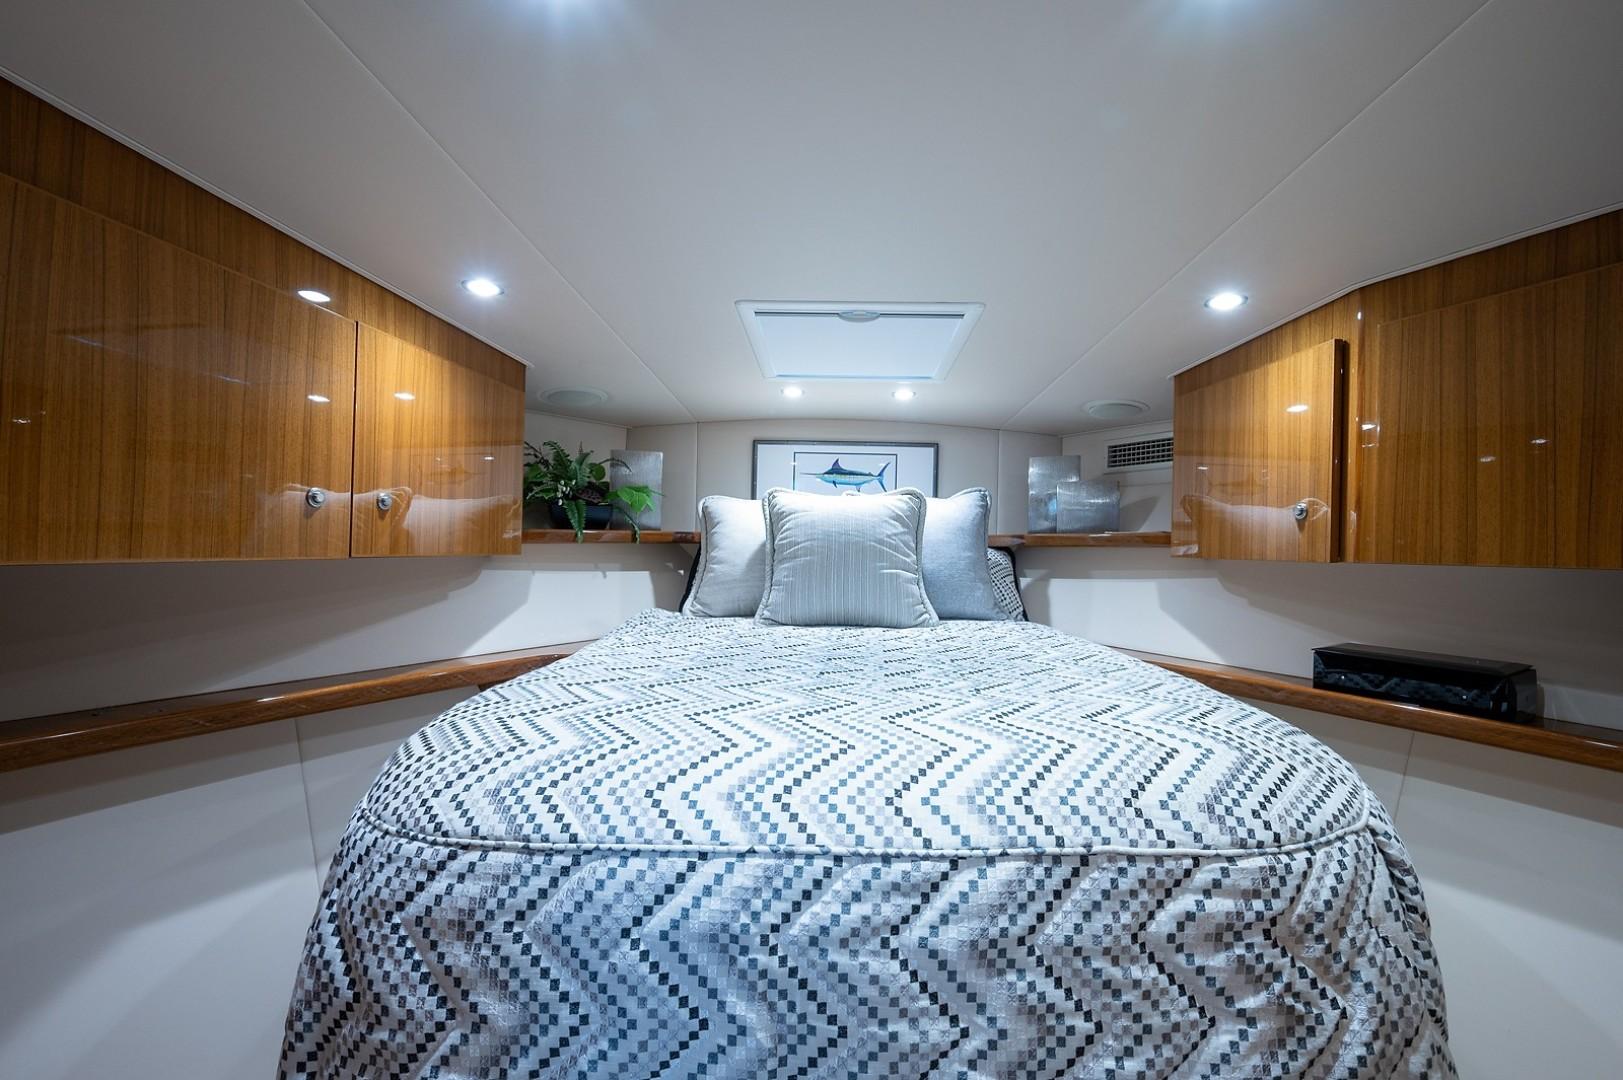 Viking 44 - Darlin Marlin - Master Stateroom